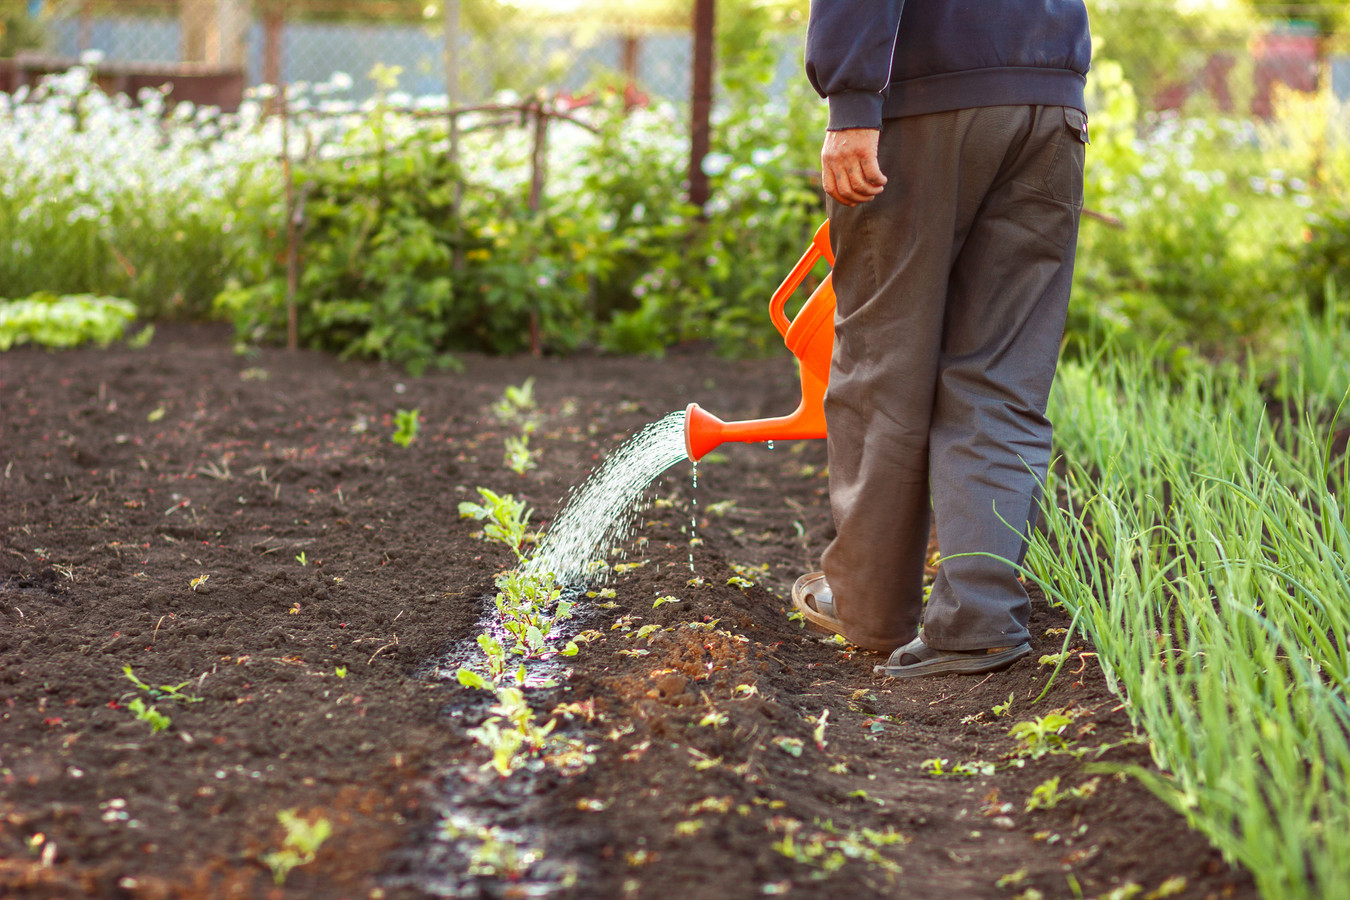 Tuinieren is een goede manier om de hersenen zo lang mogelijk gezond te houden.